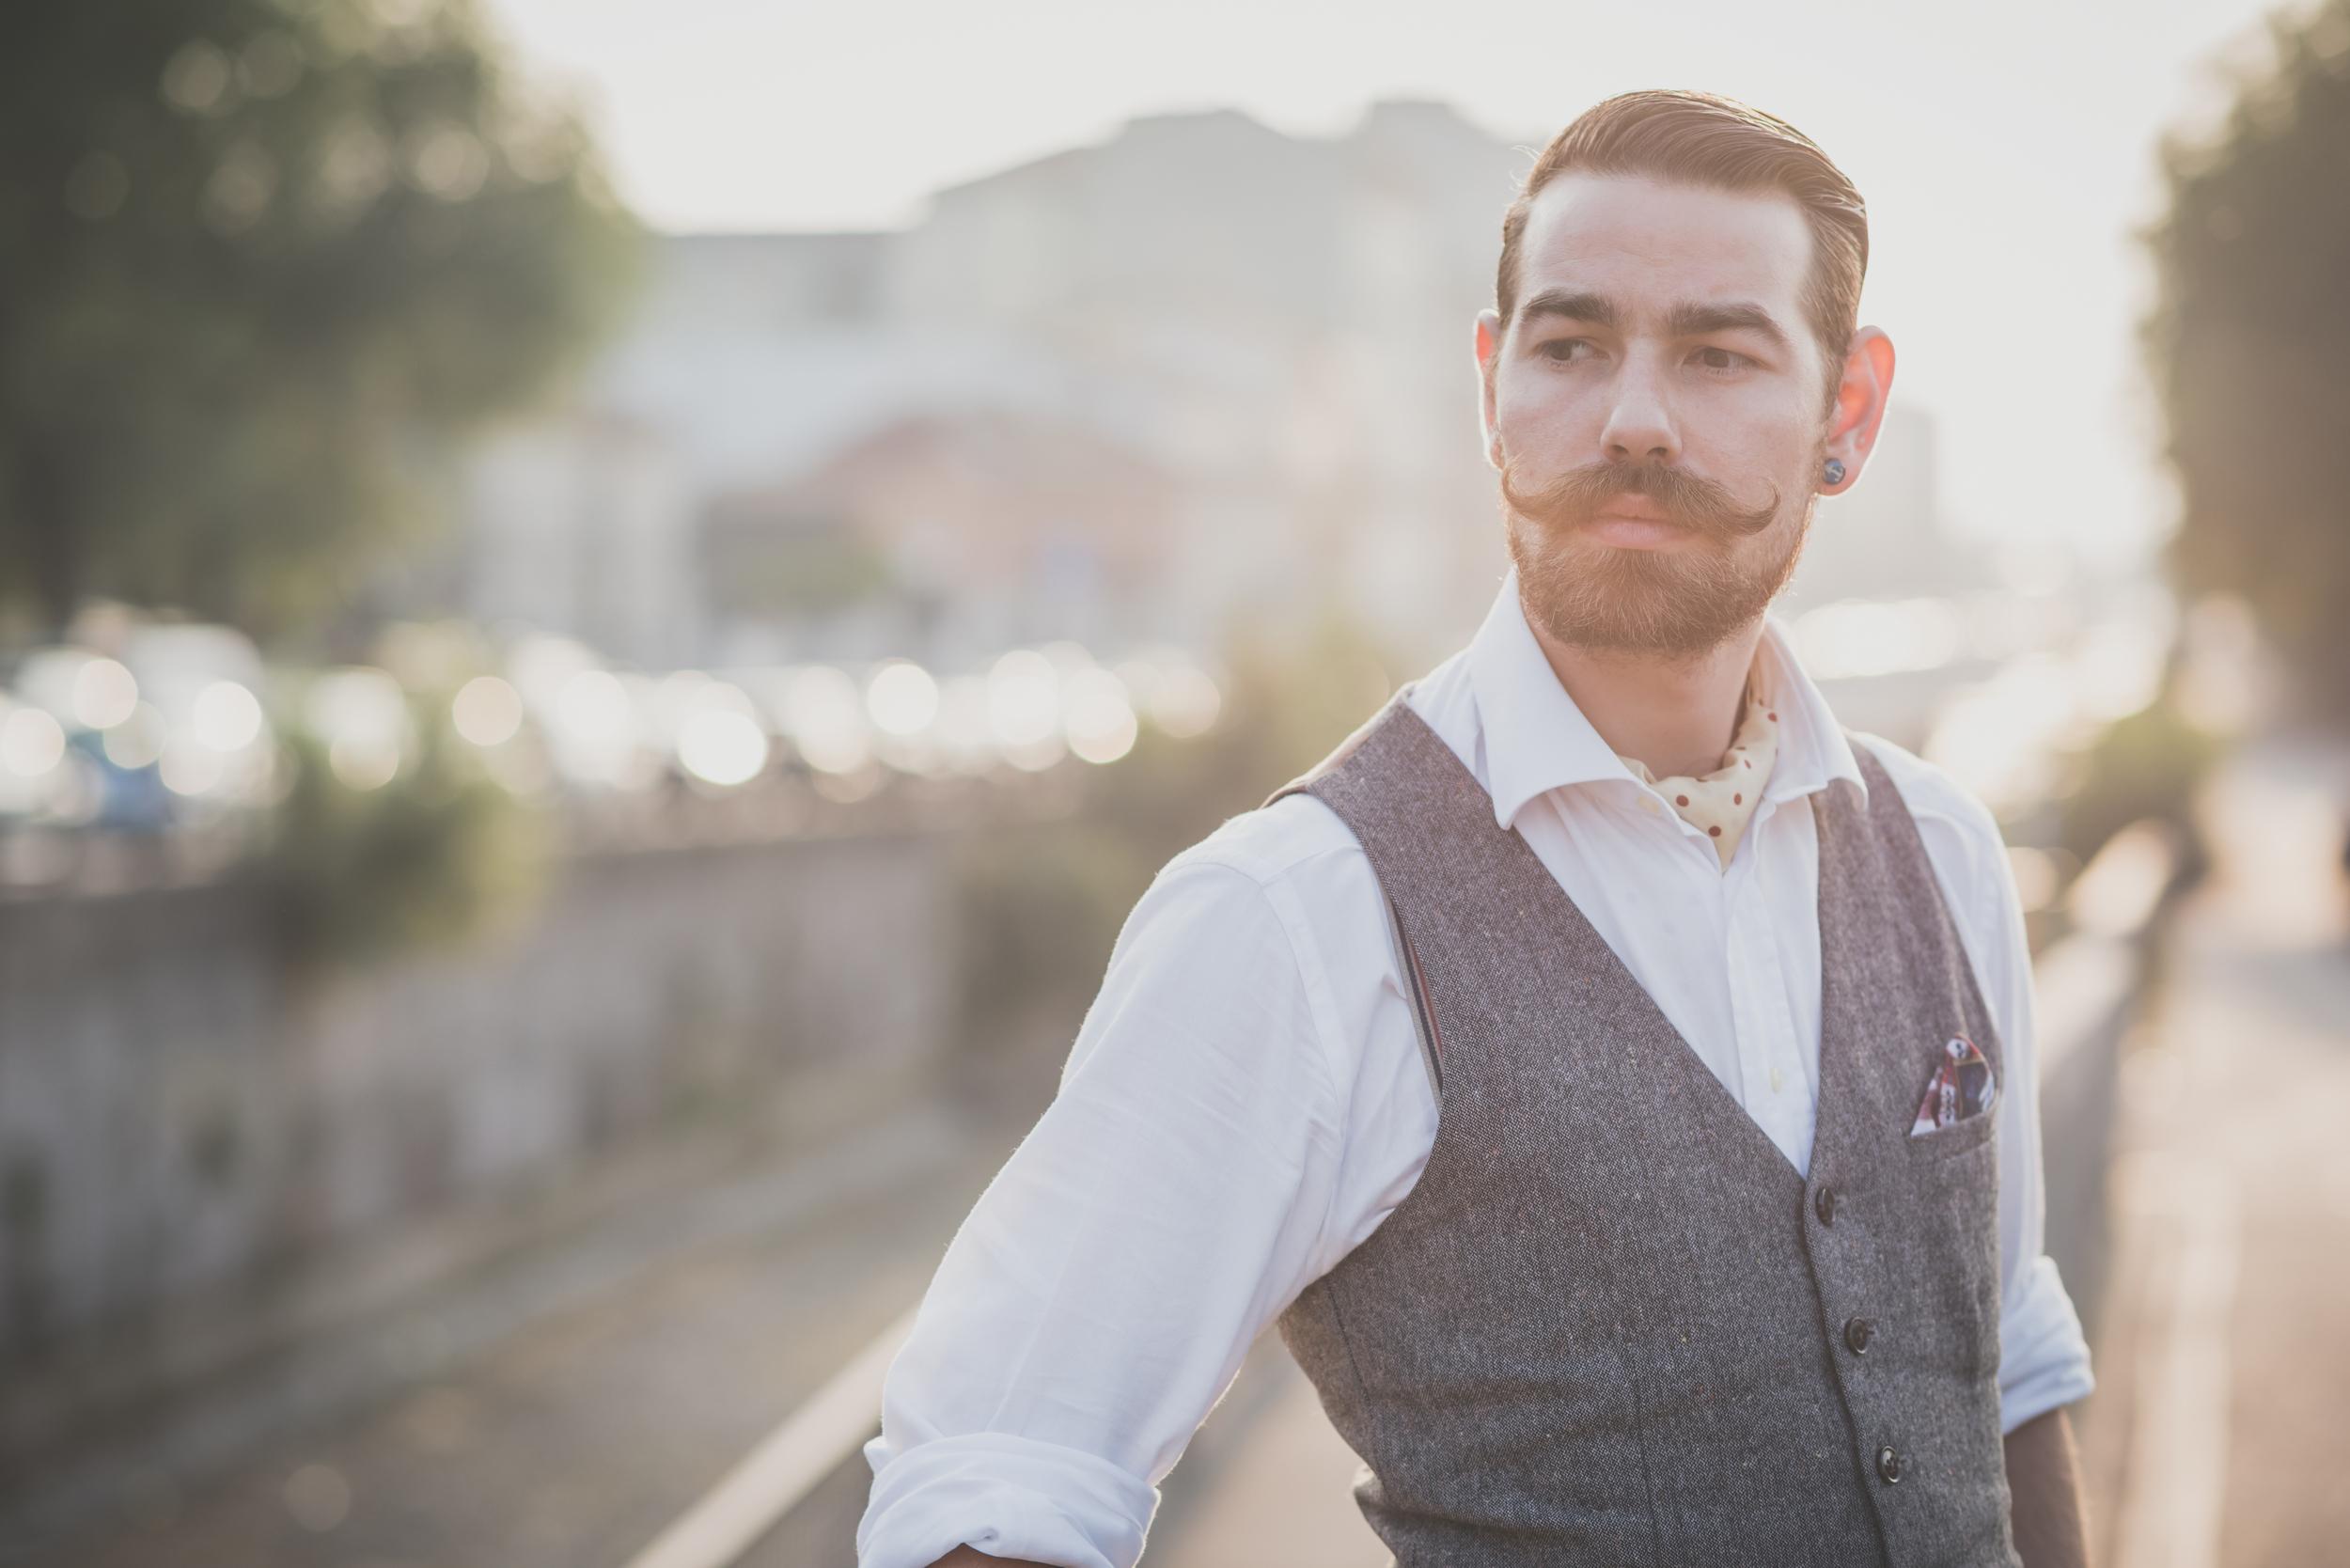 hipster moustache.jpg